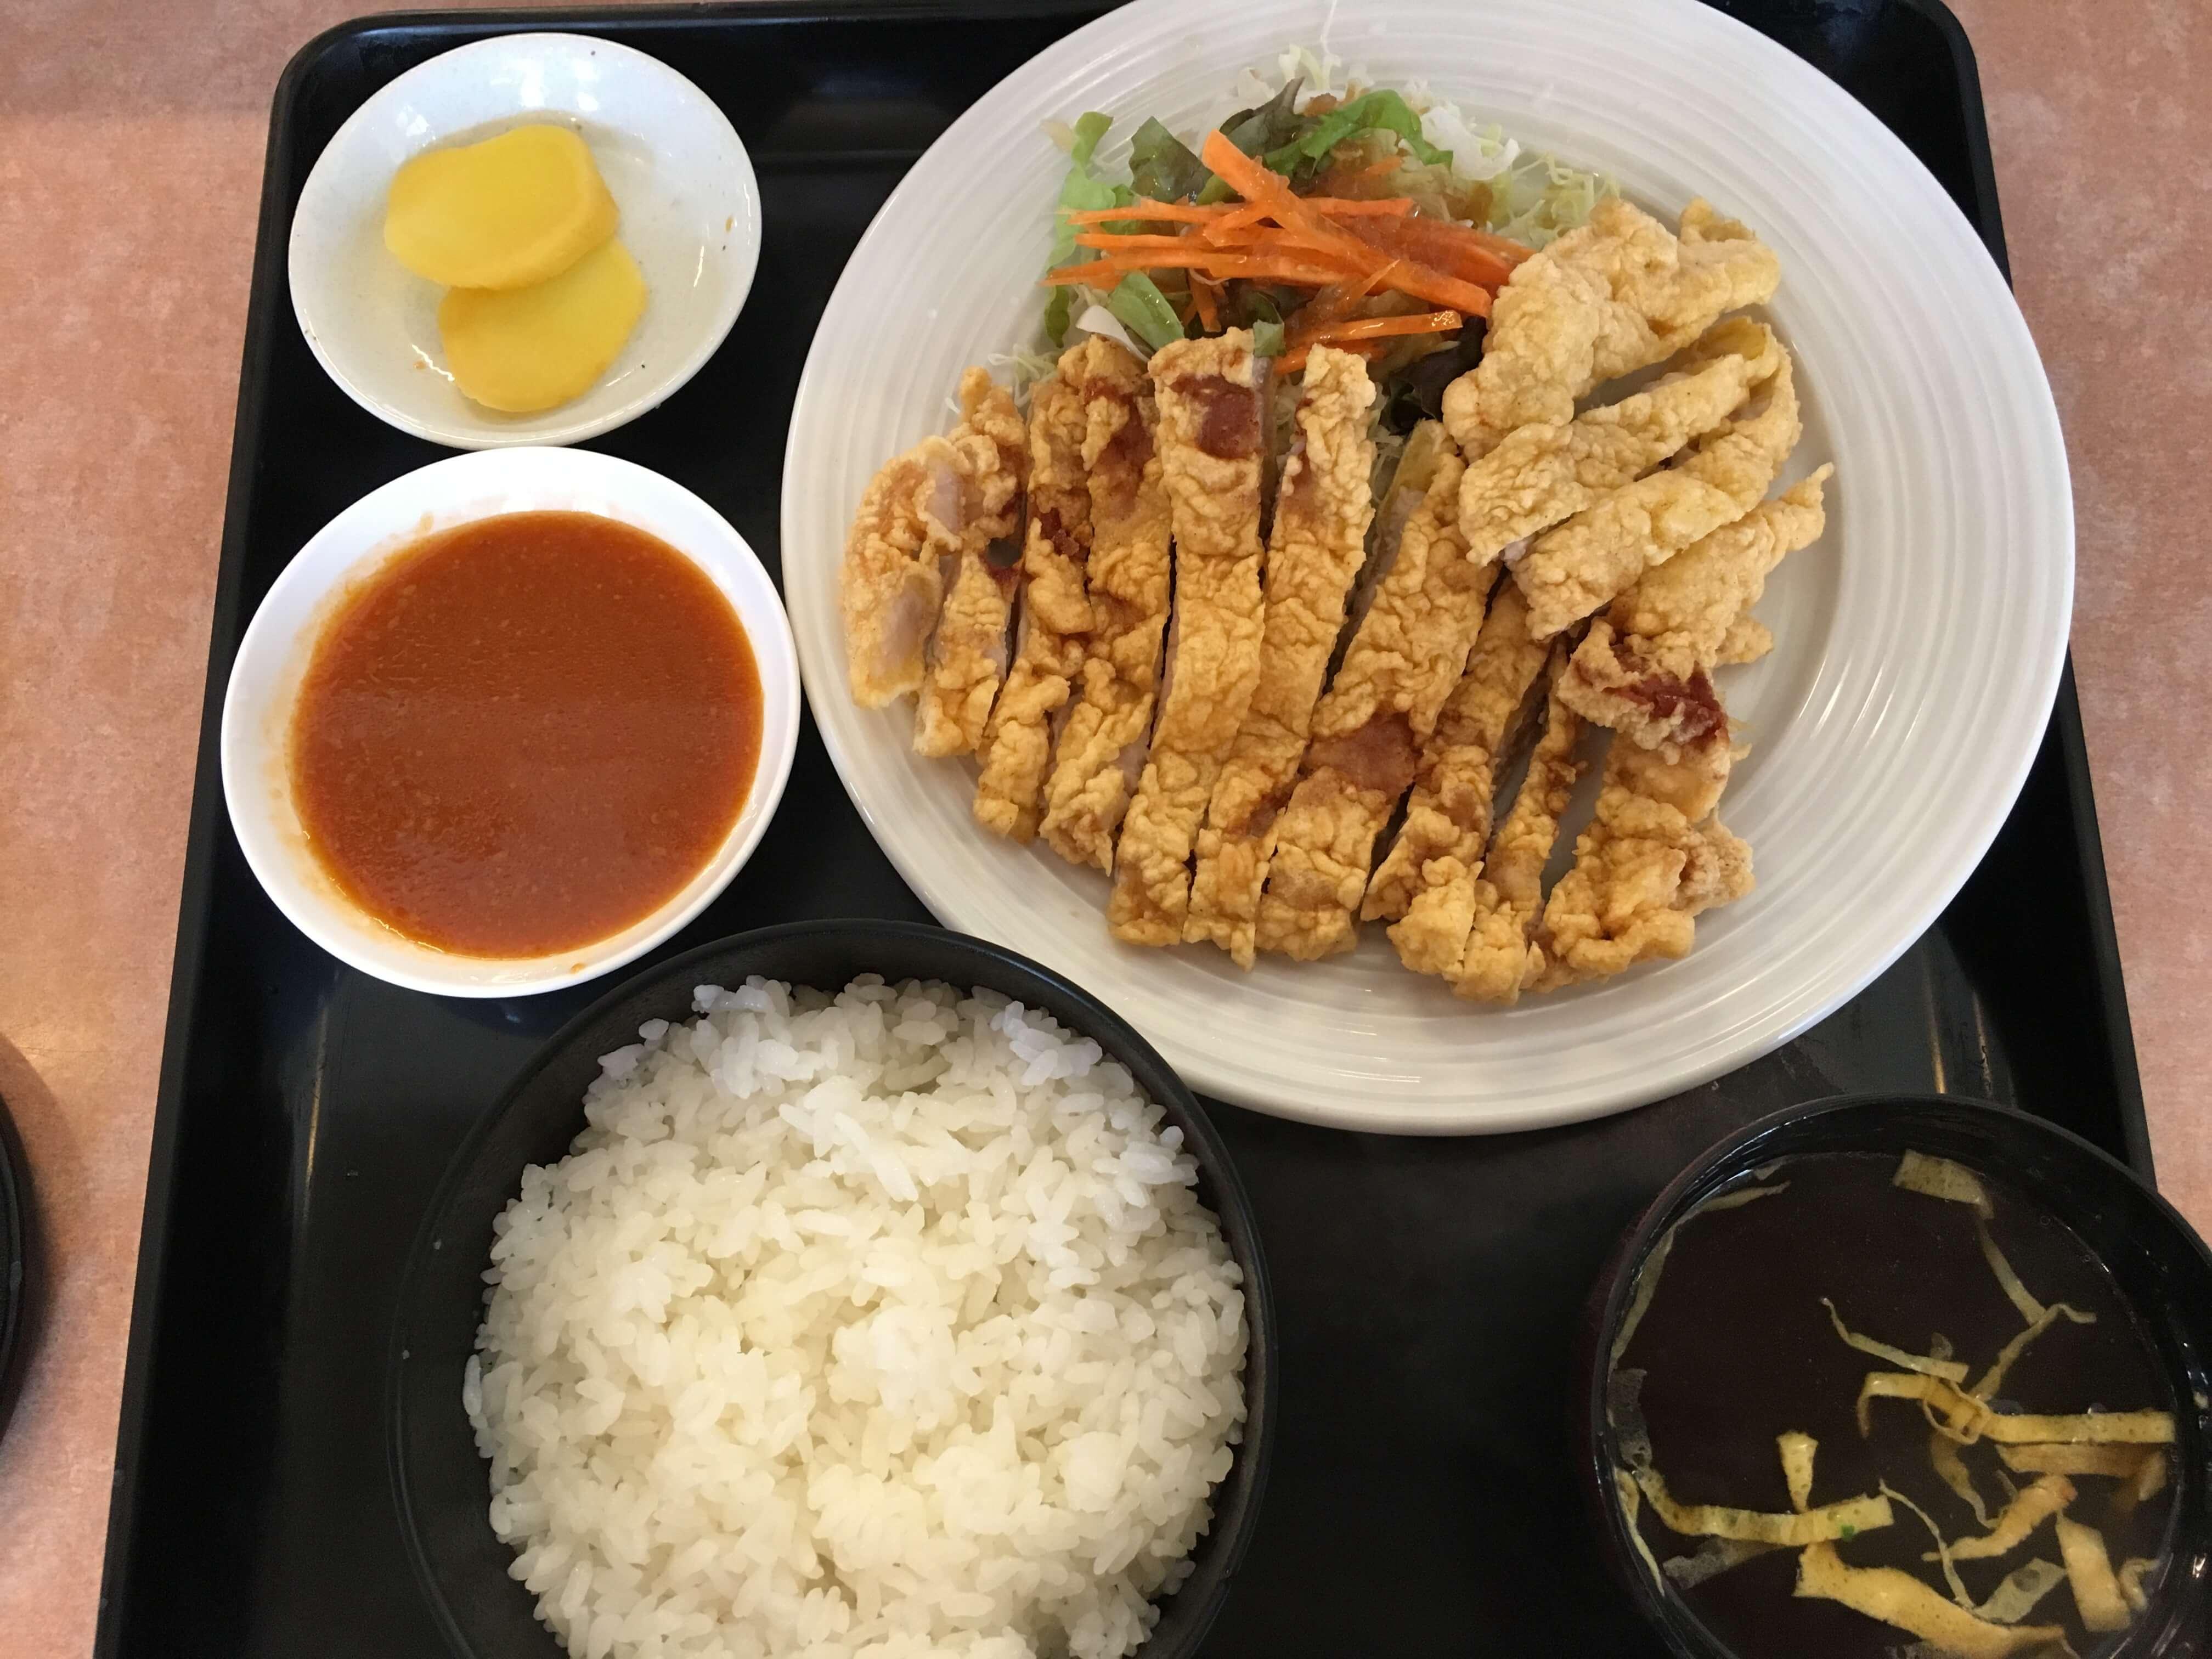 柿木畠にある「 中華 北京 」のボリューム満点「 肉天定食 」